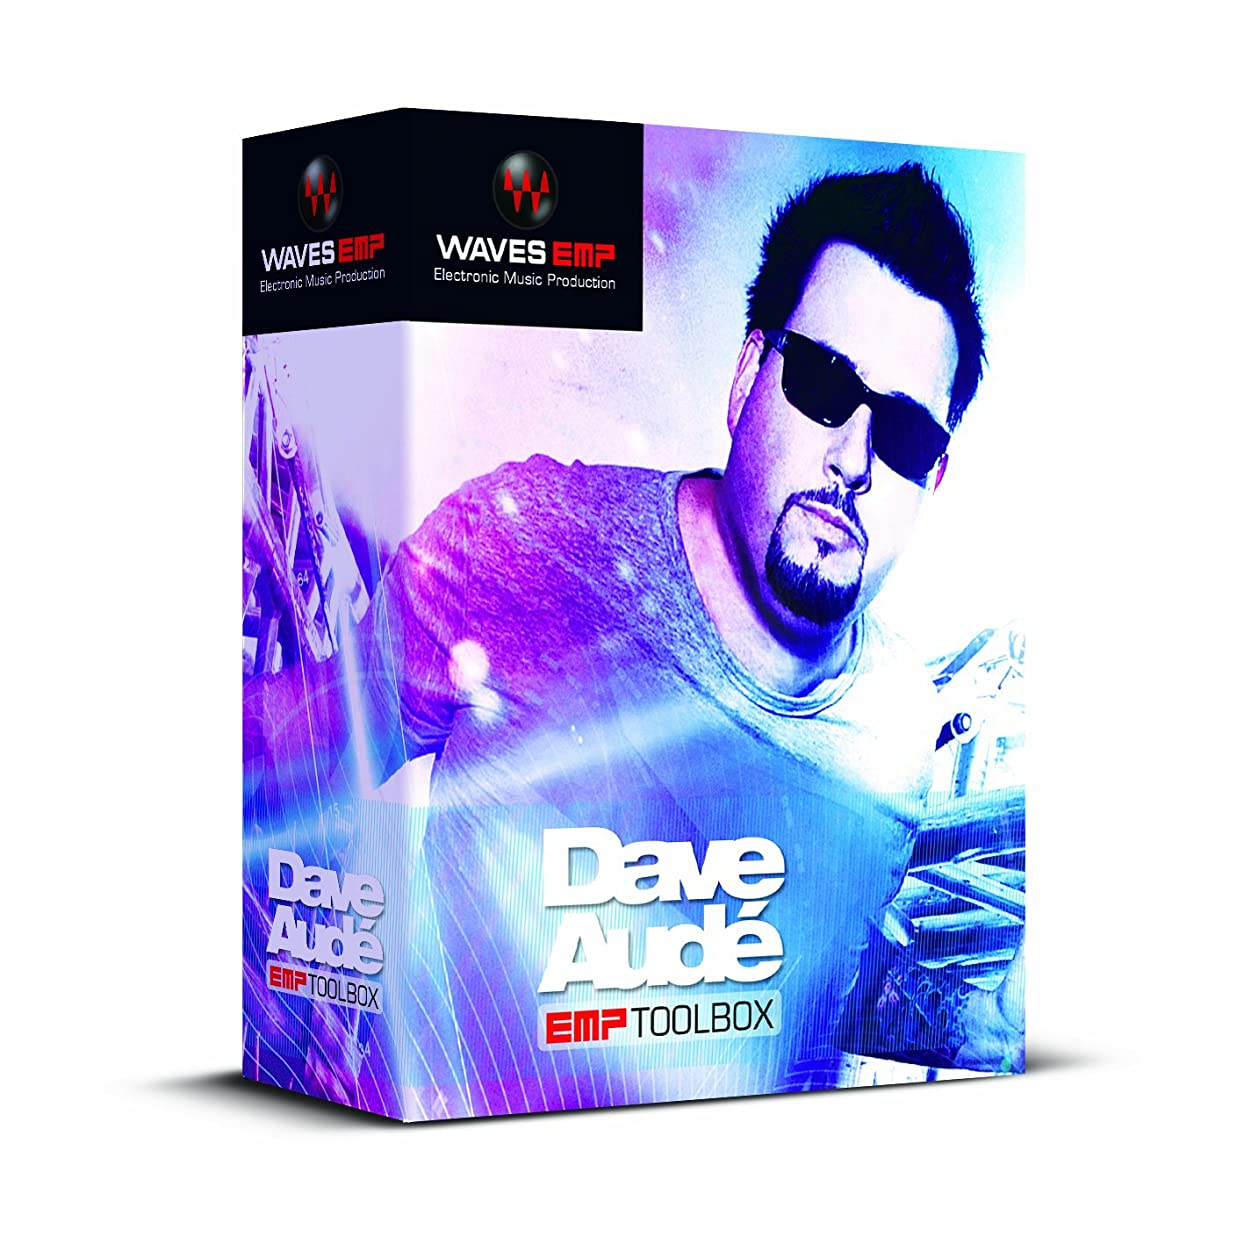 沿ってブラスト村【並行輸入品】 WAVES Dave Aud? EMP Toolbox ◆ノンパッケージ/ダウンロード形式